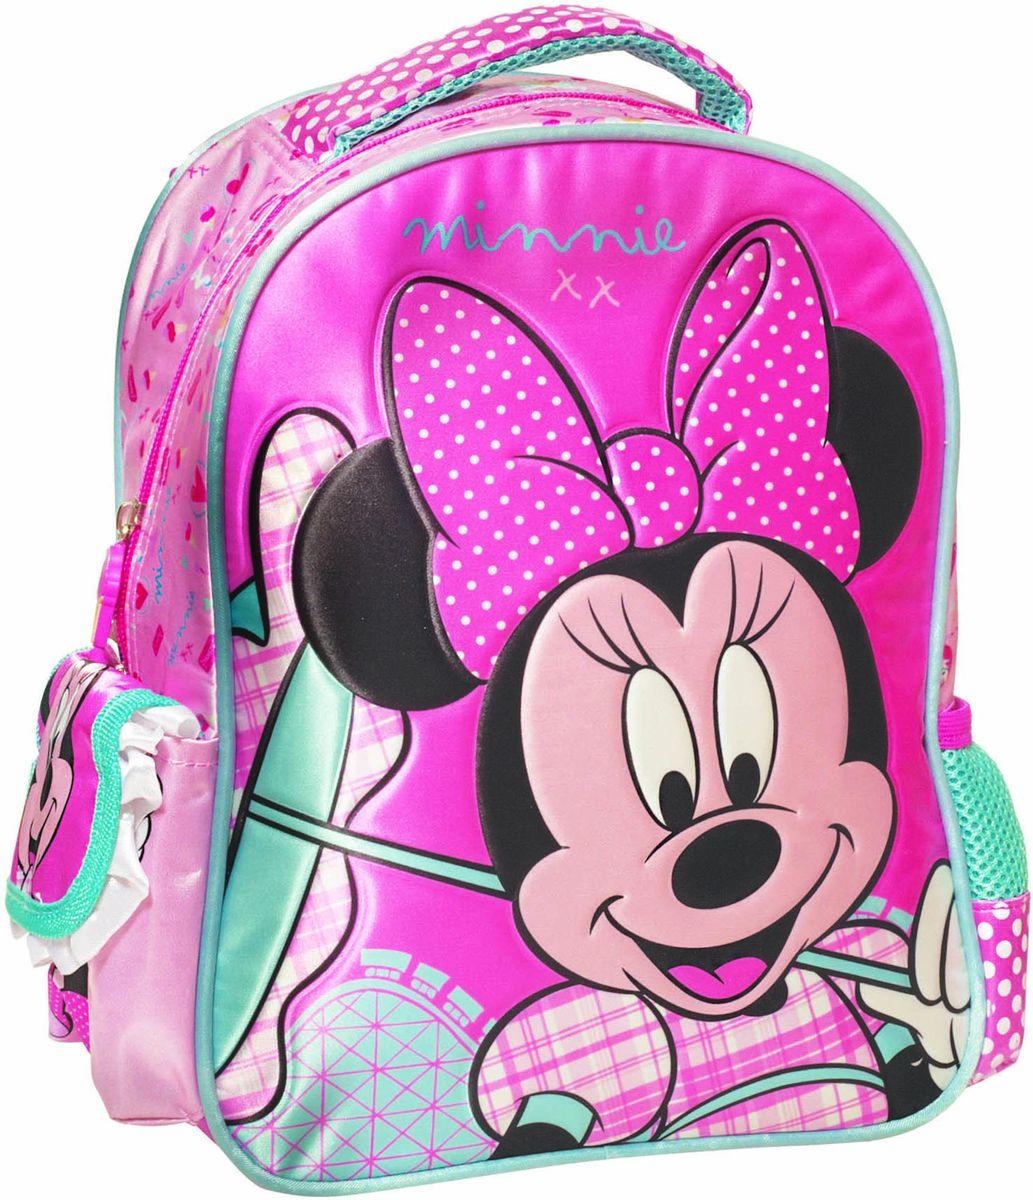 c5b5d8b960 Τσάντα Νηπιαγωγείου Minnie Umbrella Gim 340-53054